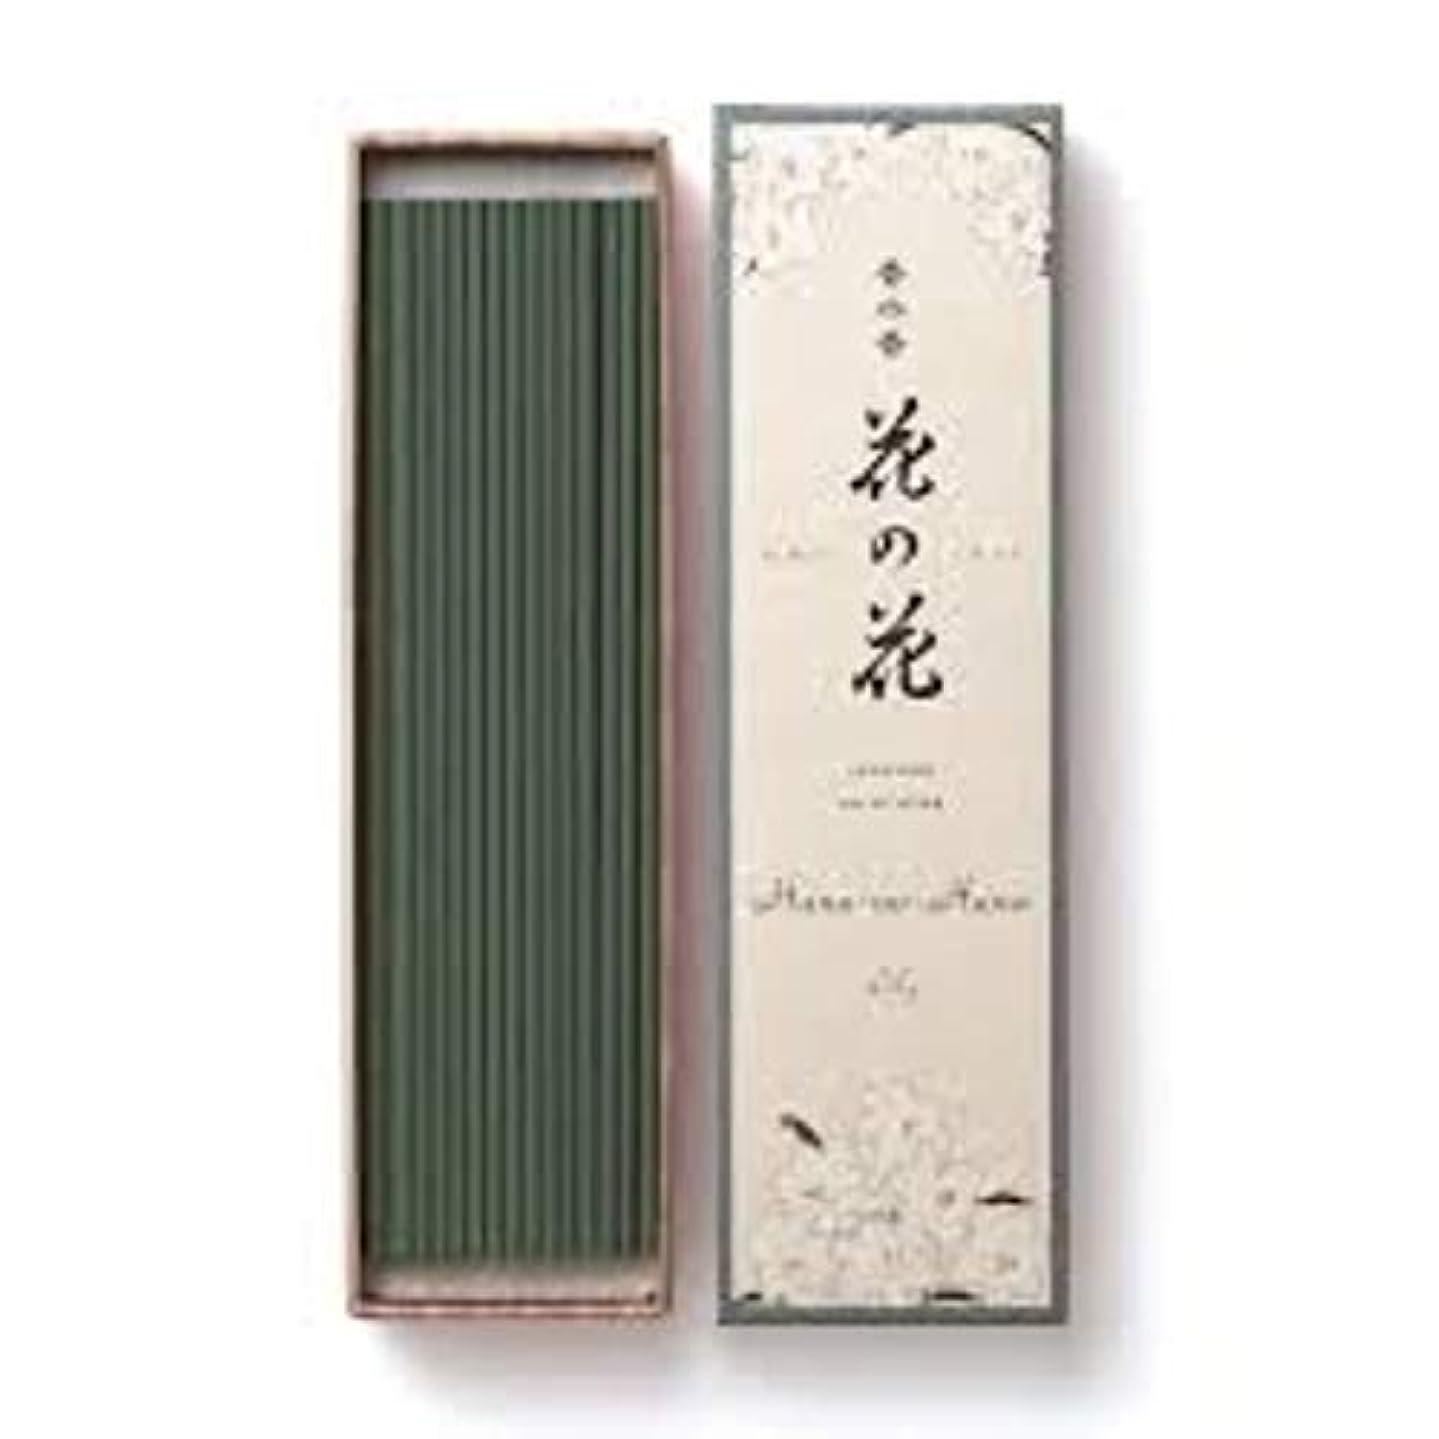 ボス癌距離お香 香水香花の花 ゆり 長寸40本入(30006)